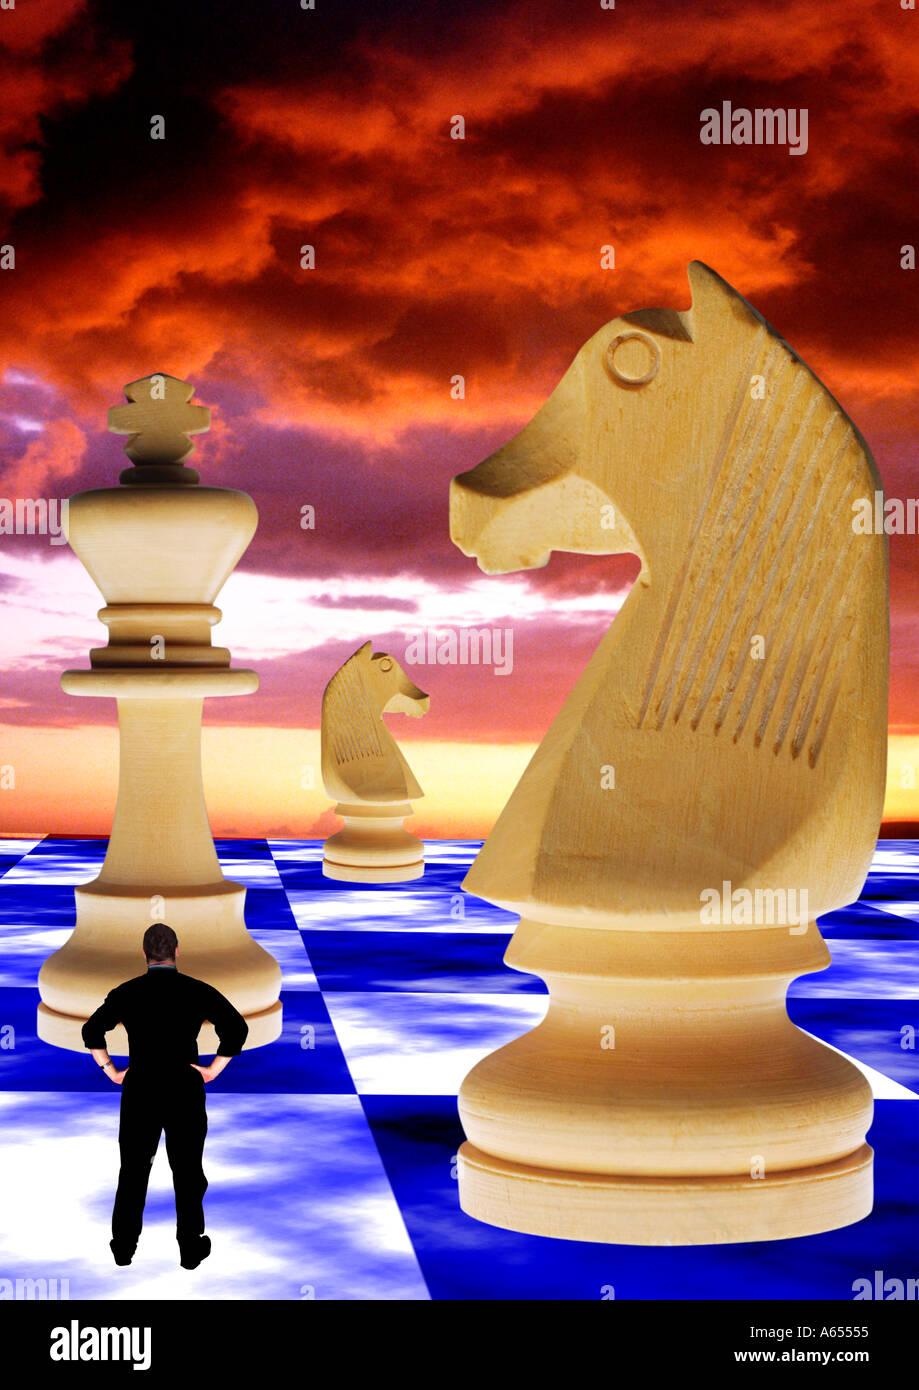 Juego de ajedrez gigante concepto abstracto efectos especiales Imagen De Stock